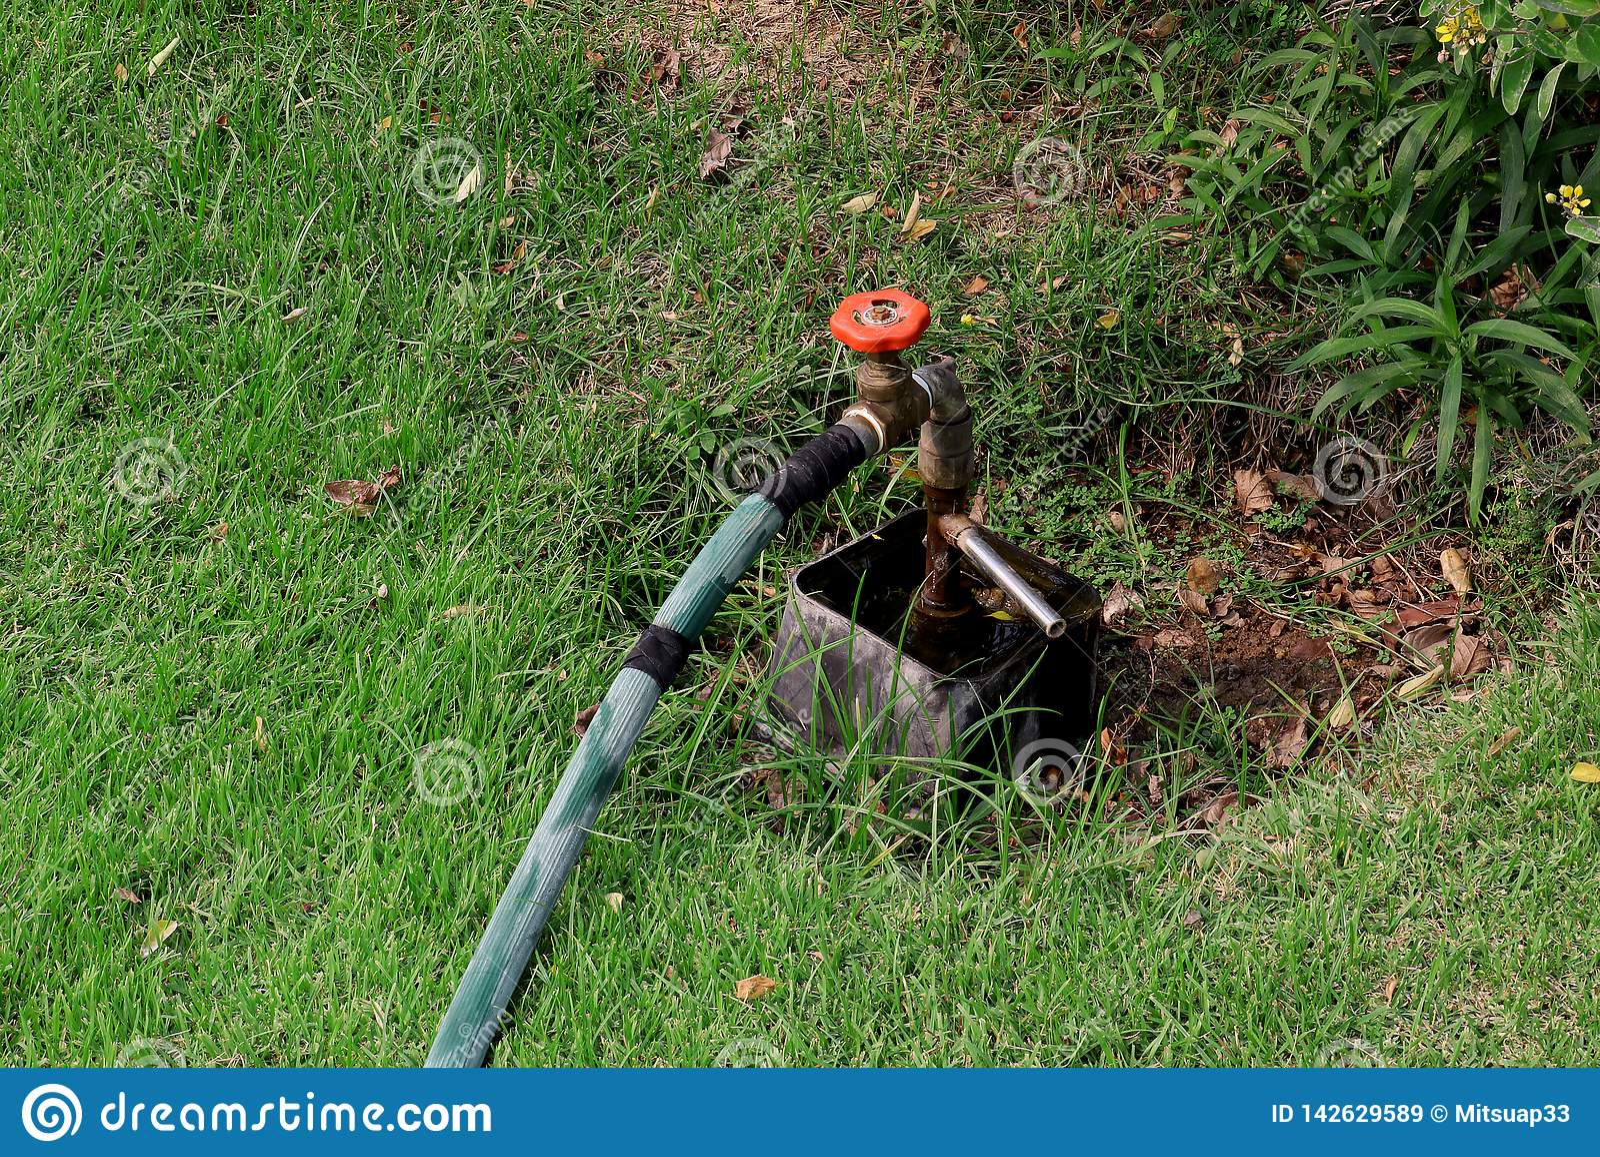 Hahn-Wasser vom Hahnwasserventil, Schieber im grünen Garten